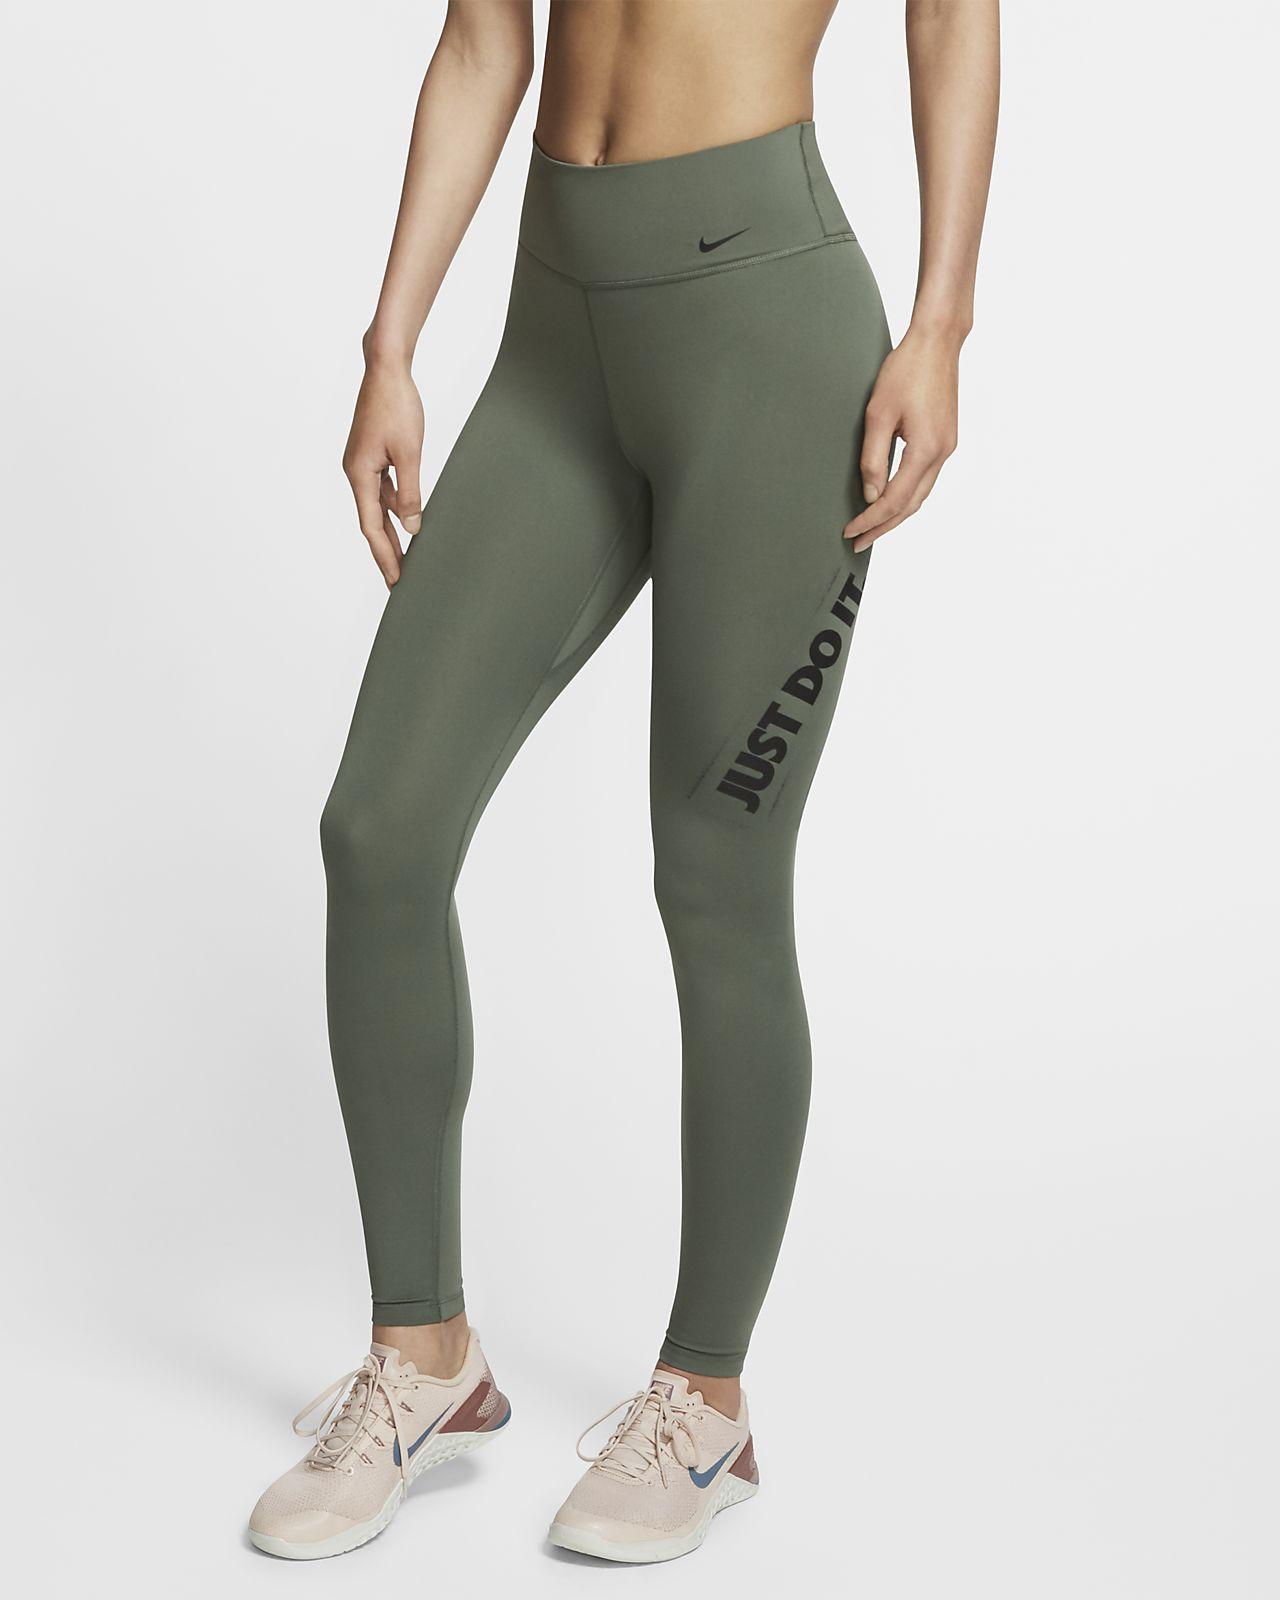 กางเกงรัดรูป JDI ผู้หญิง Nike One